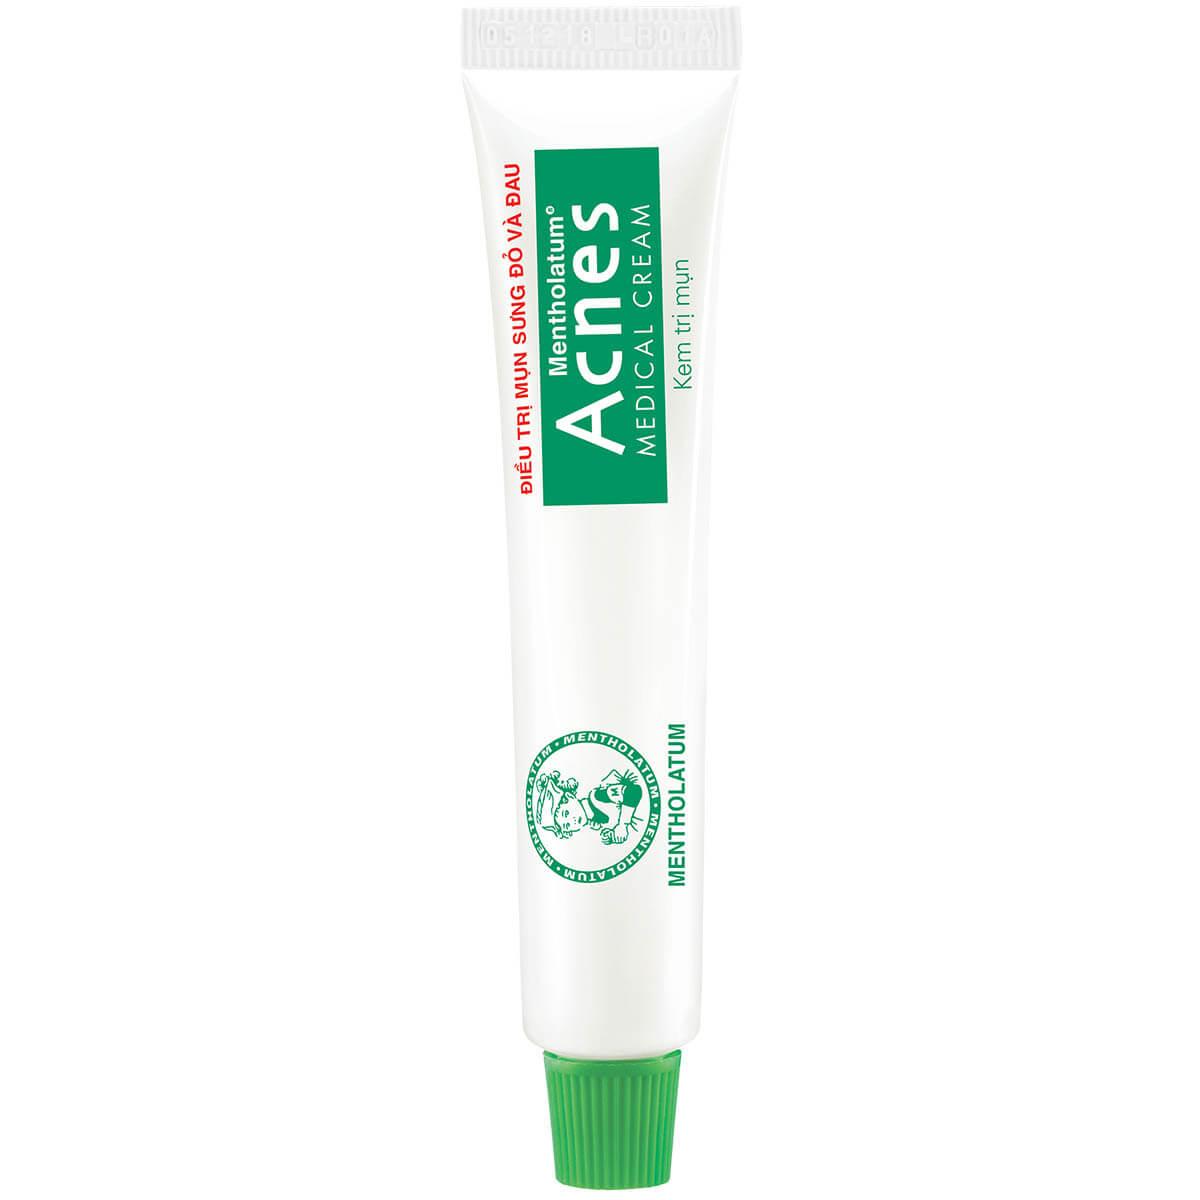 Kem trị mụn Acnes Medical Cream - Điều trị mụn bọc, mụn sưng đỏ